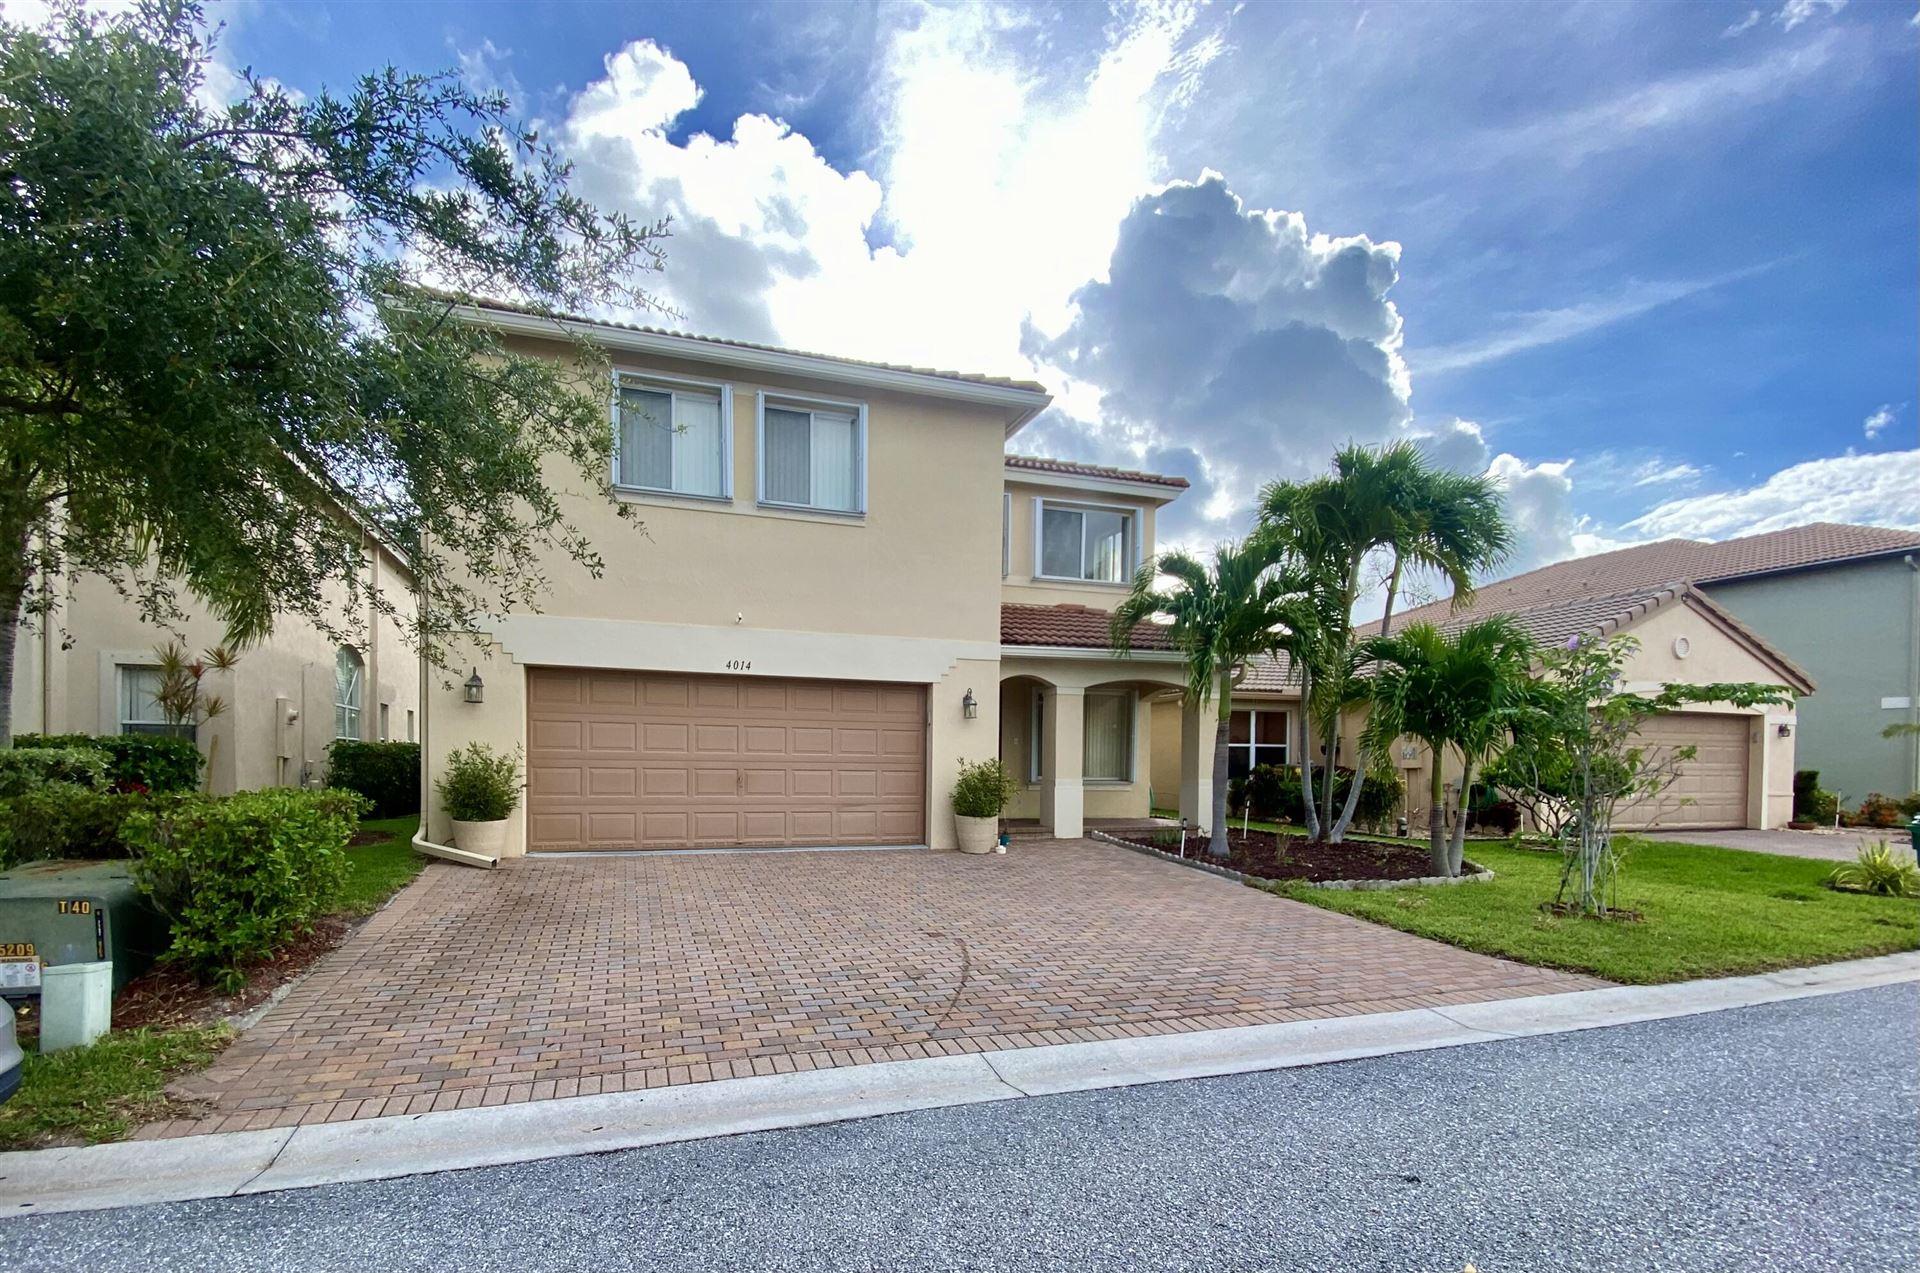 4014 Rocks Point Place, Riviera Beach, FL 33407 - MLS#: RX-10727754